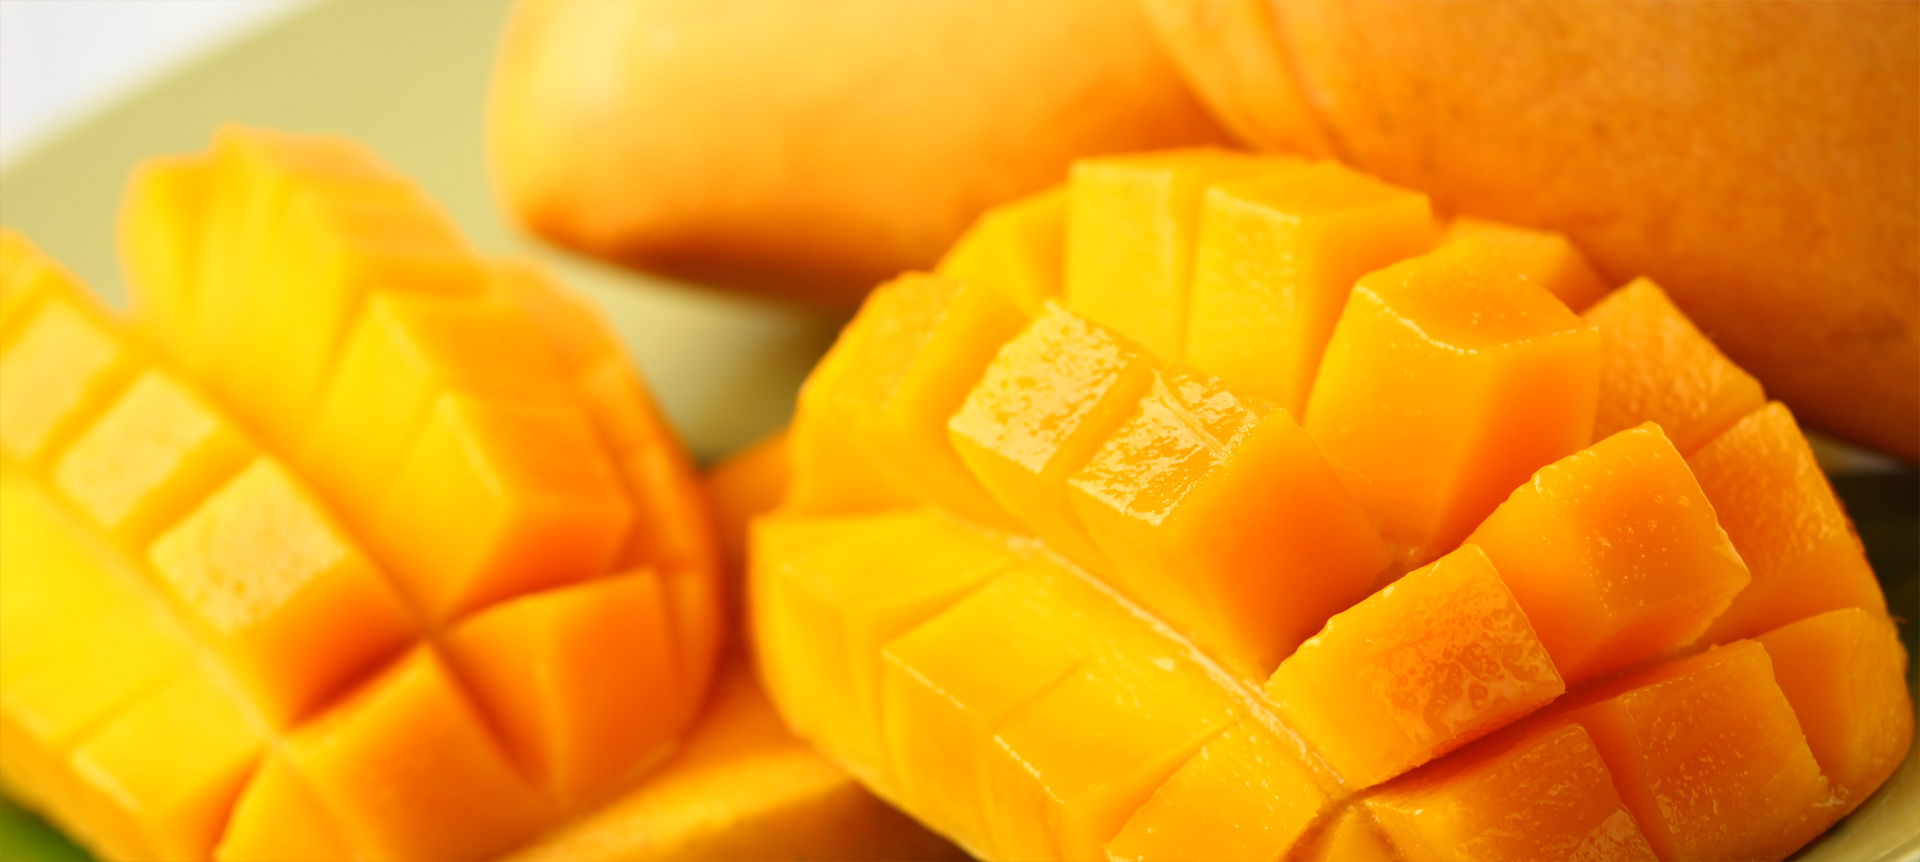 Как есть манго - с кожурой или без? Как правильно едят манго?